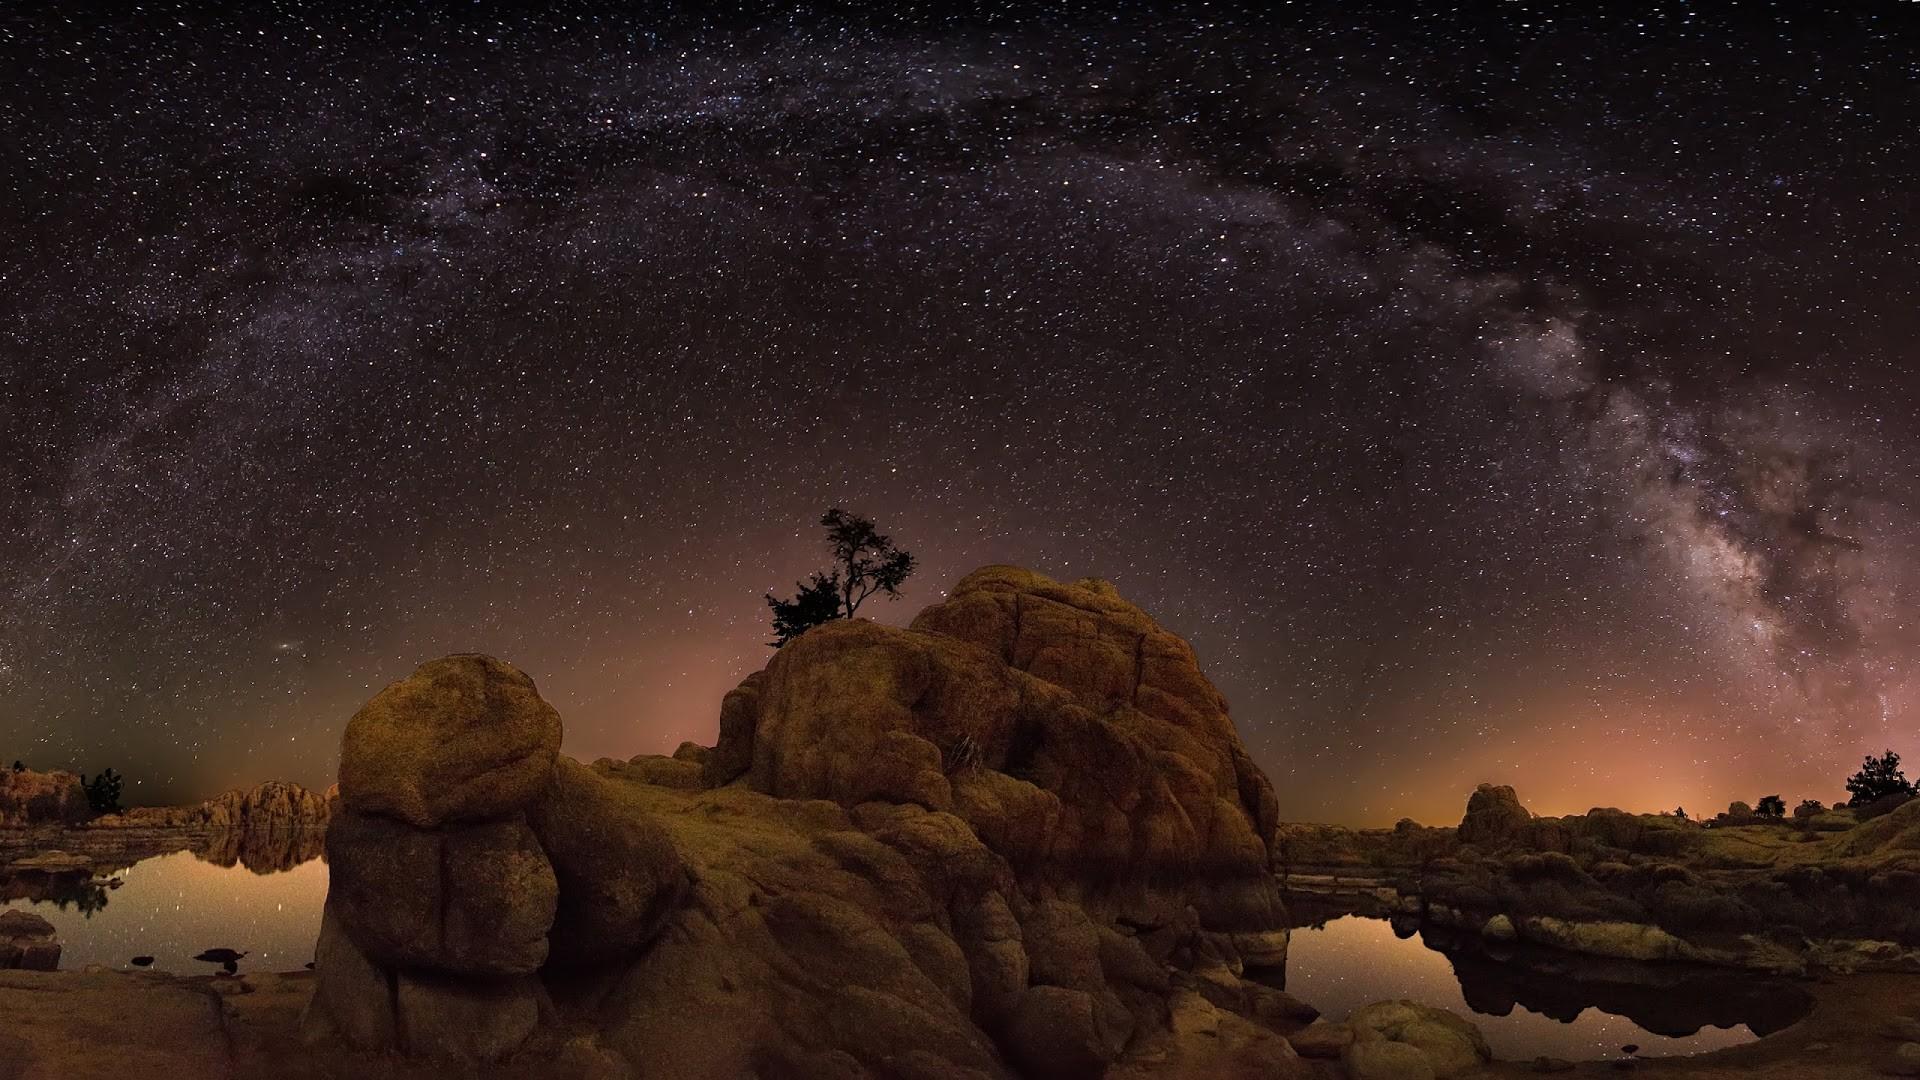 4K HD Wallpaper: Milky Way 2014